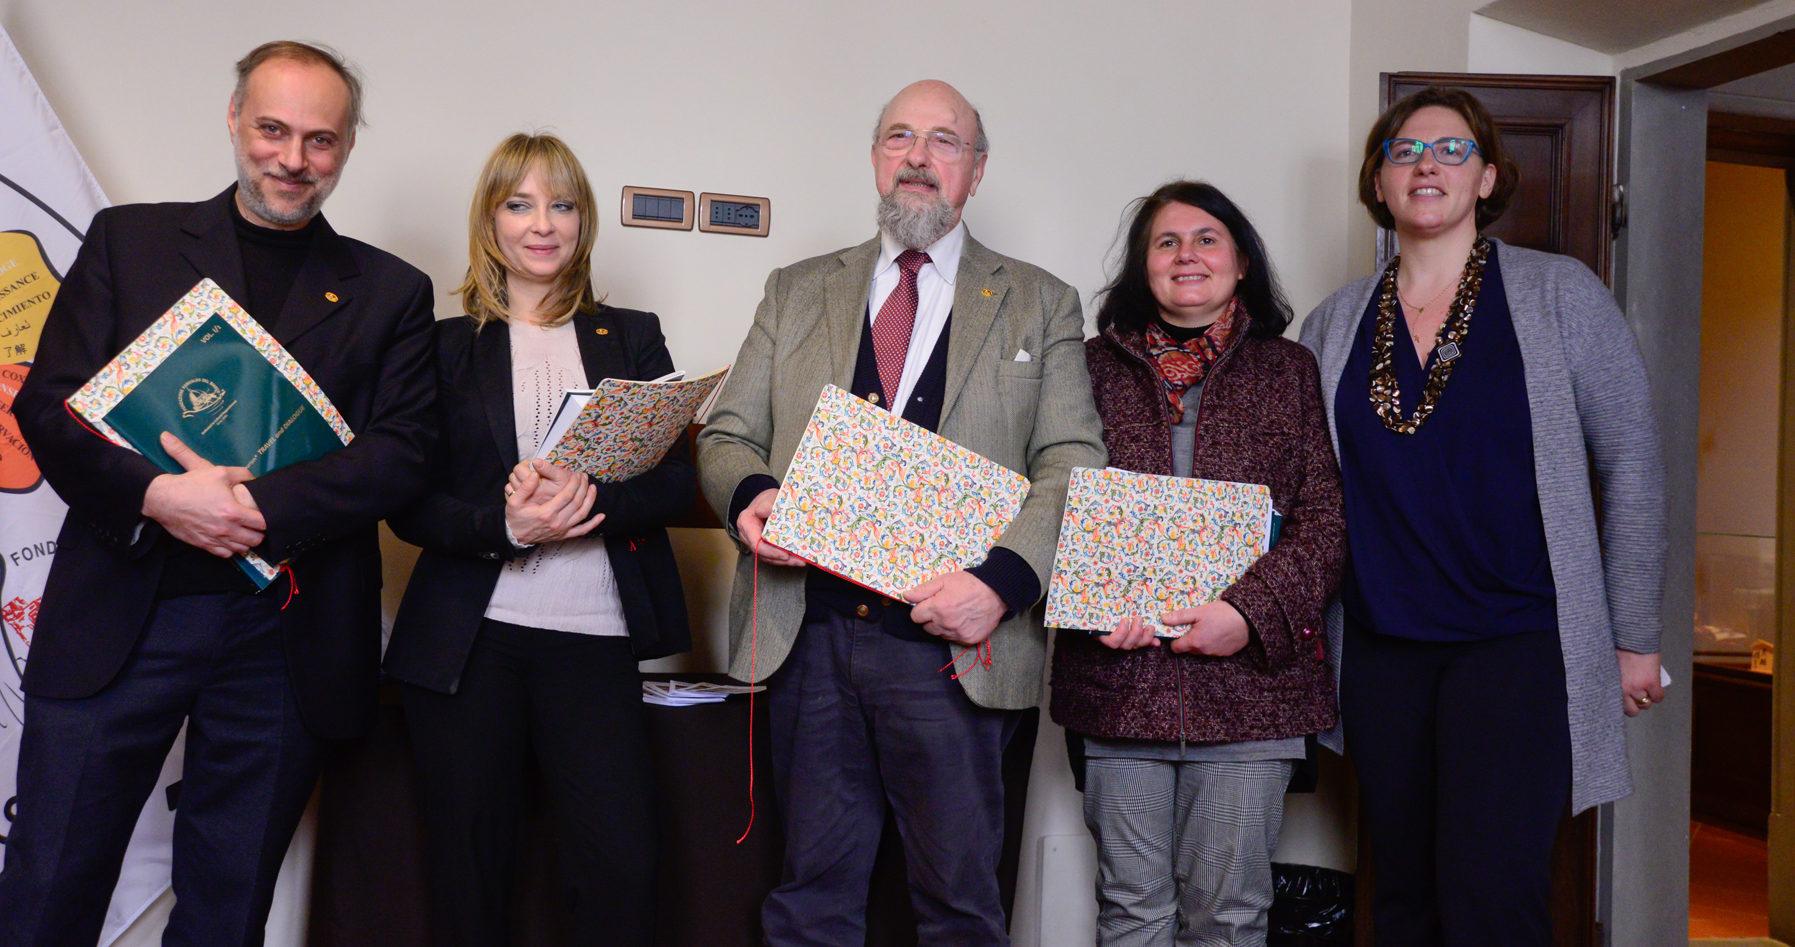 27 Febbraio 2017: Accordo Tra APAB E Fondazione Del Bianco